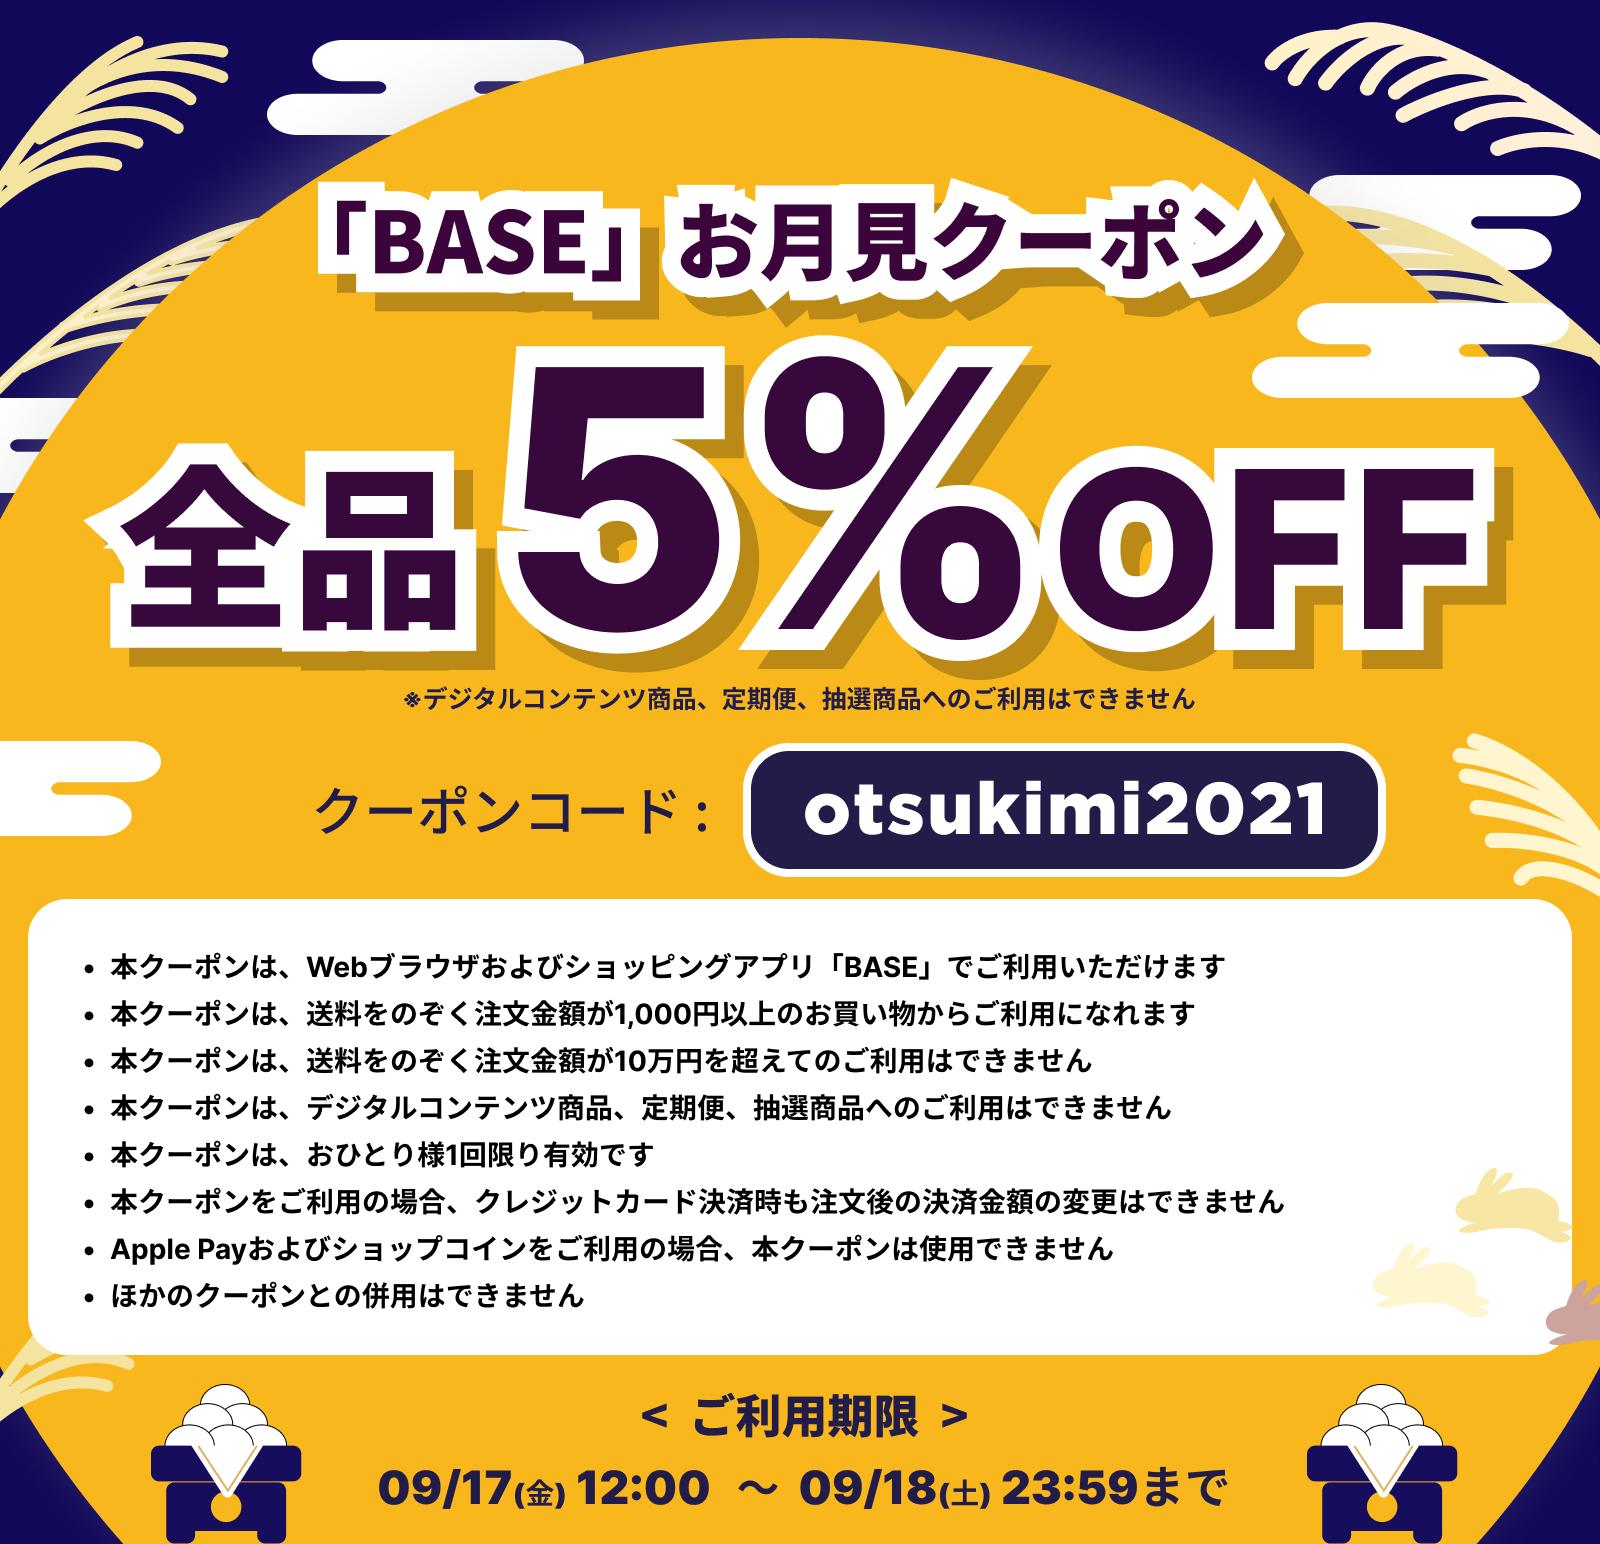 【9月17日(金)〜9月18日(土)限定!】全品5%OFF「BASE」お月見クーポンプレゼント♡